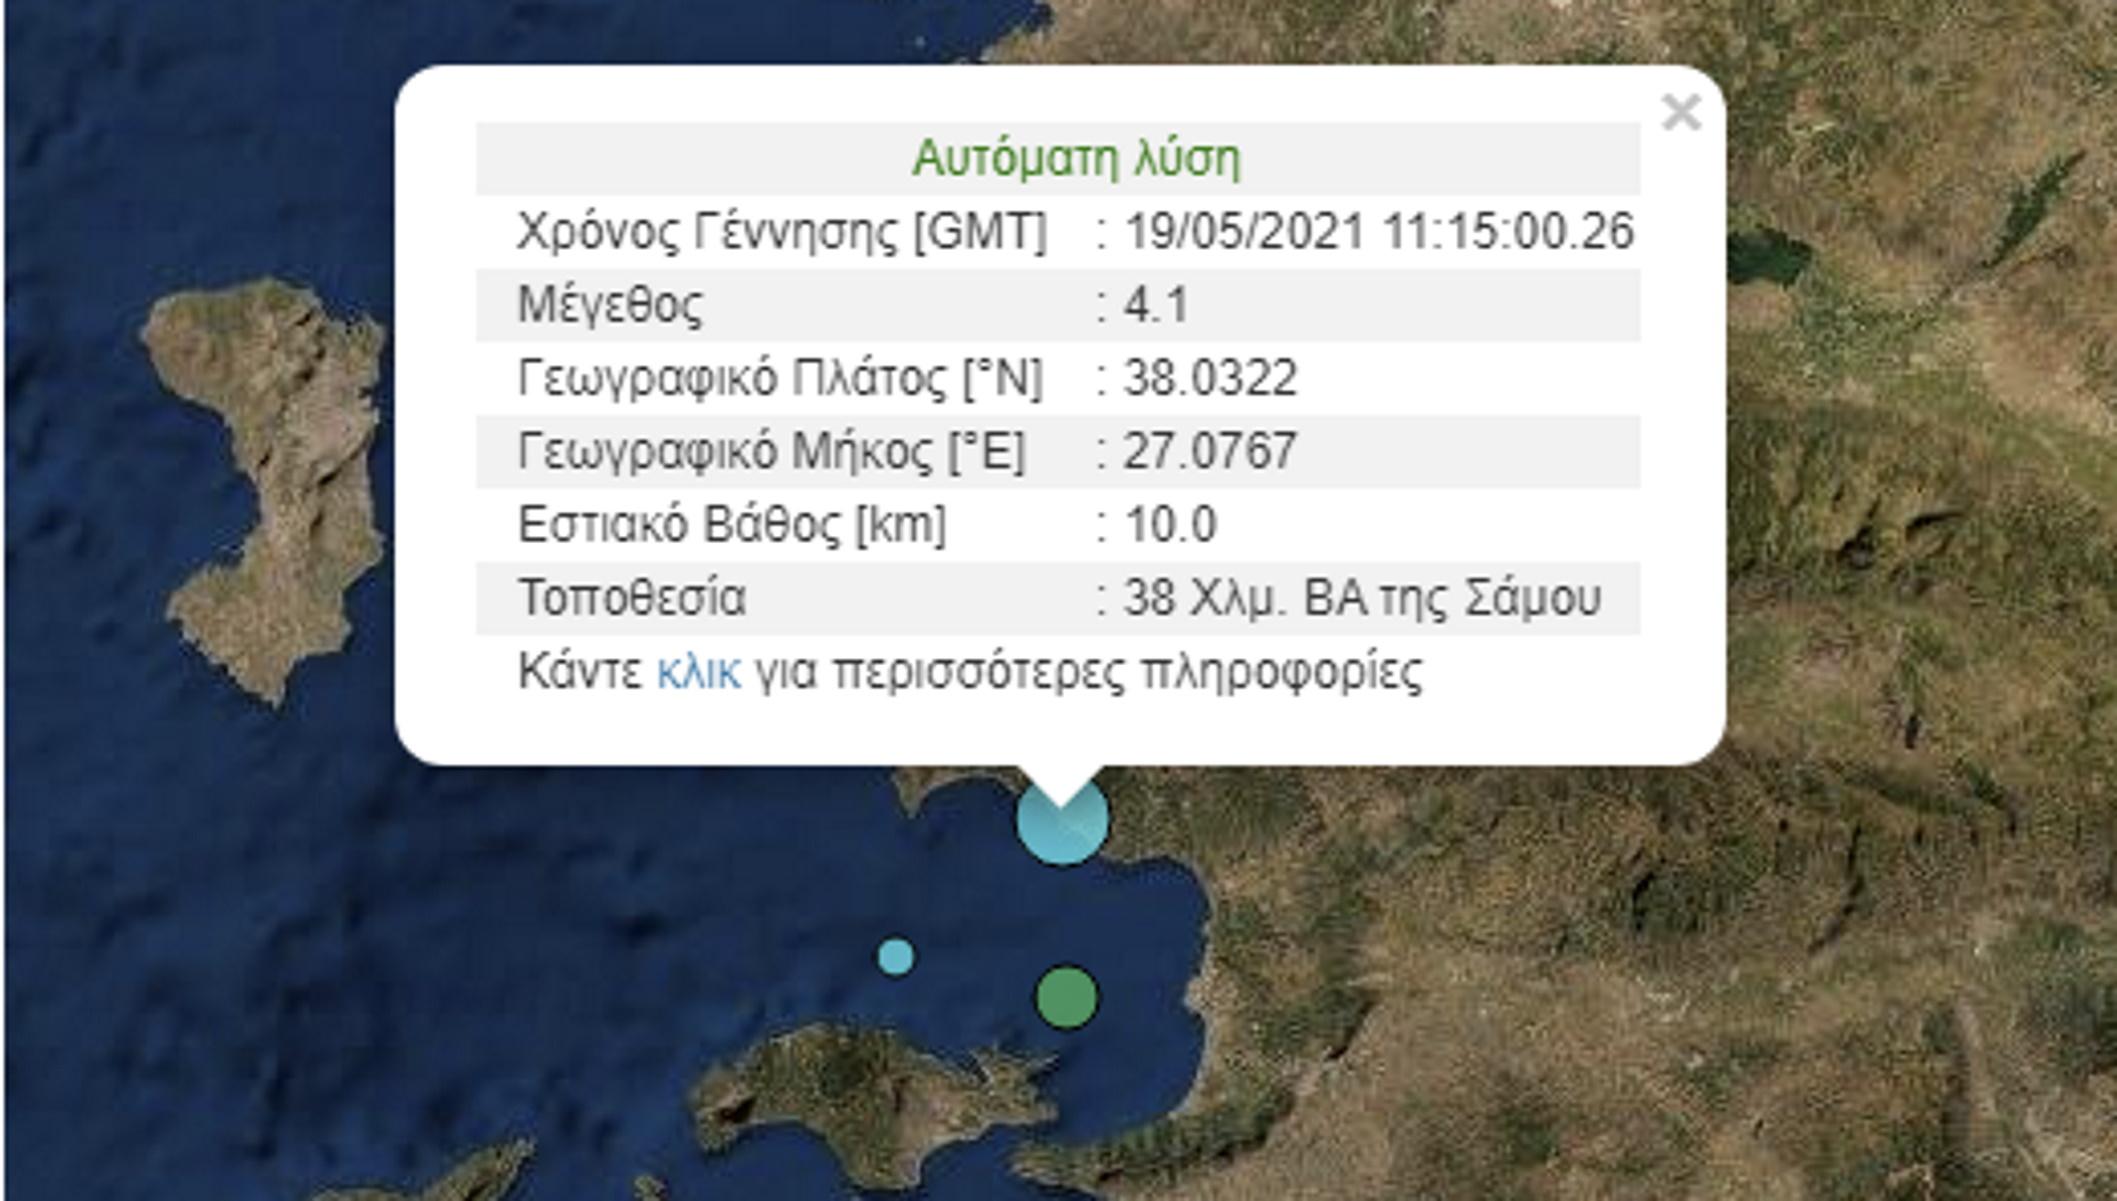 Σεισμός 4,1 ρίχτερ κοντά στη Σάμο